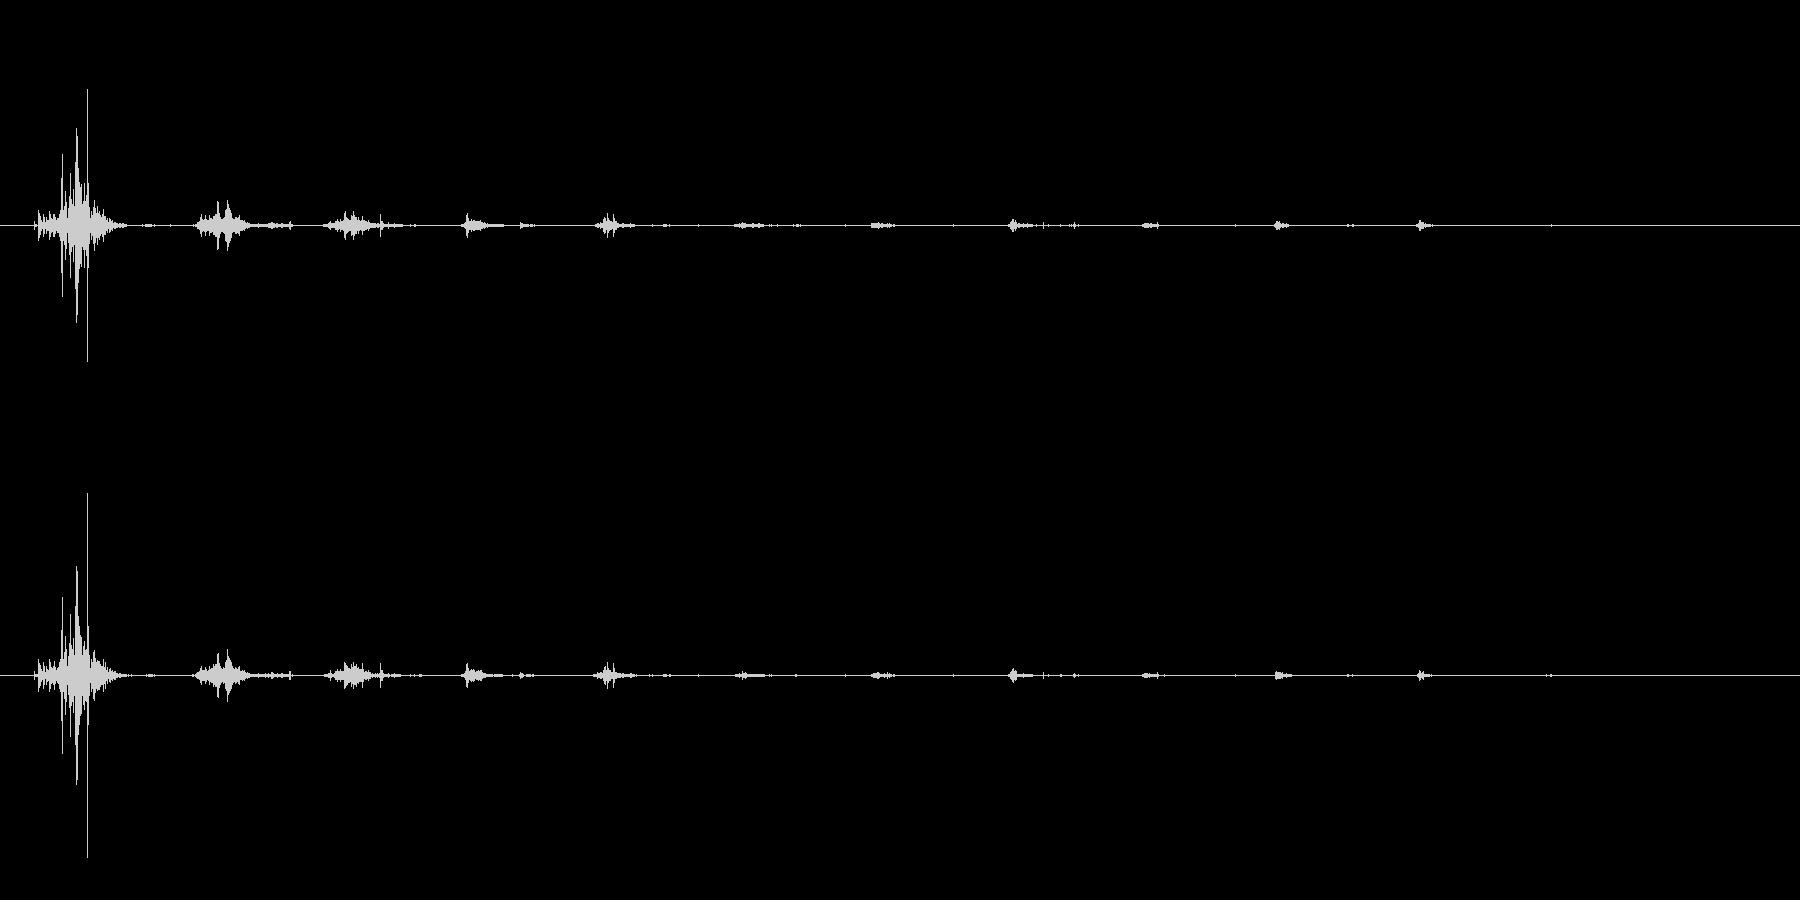 咀嚼音/カリッ/ASMR/ボリボリ/噛むの未再生の波形